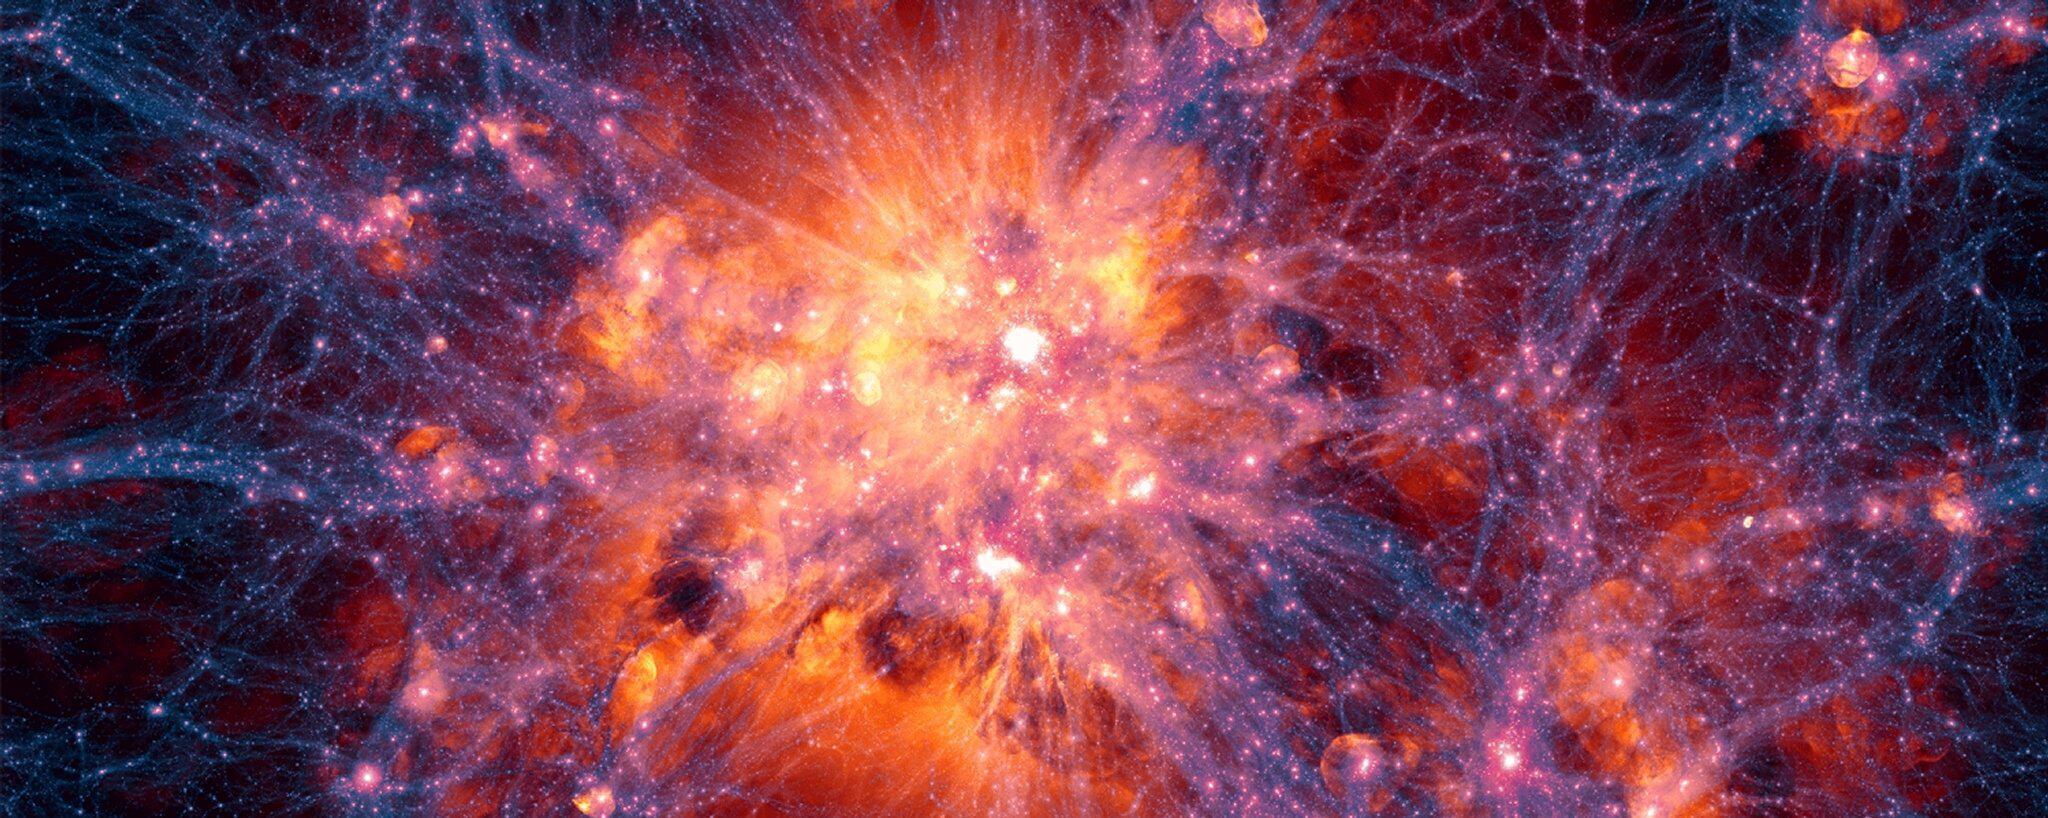 Bild zu Astronomen spüren vermisste Materie im Universum auf